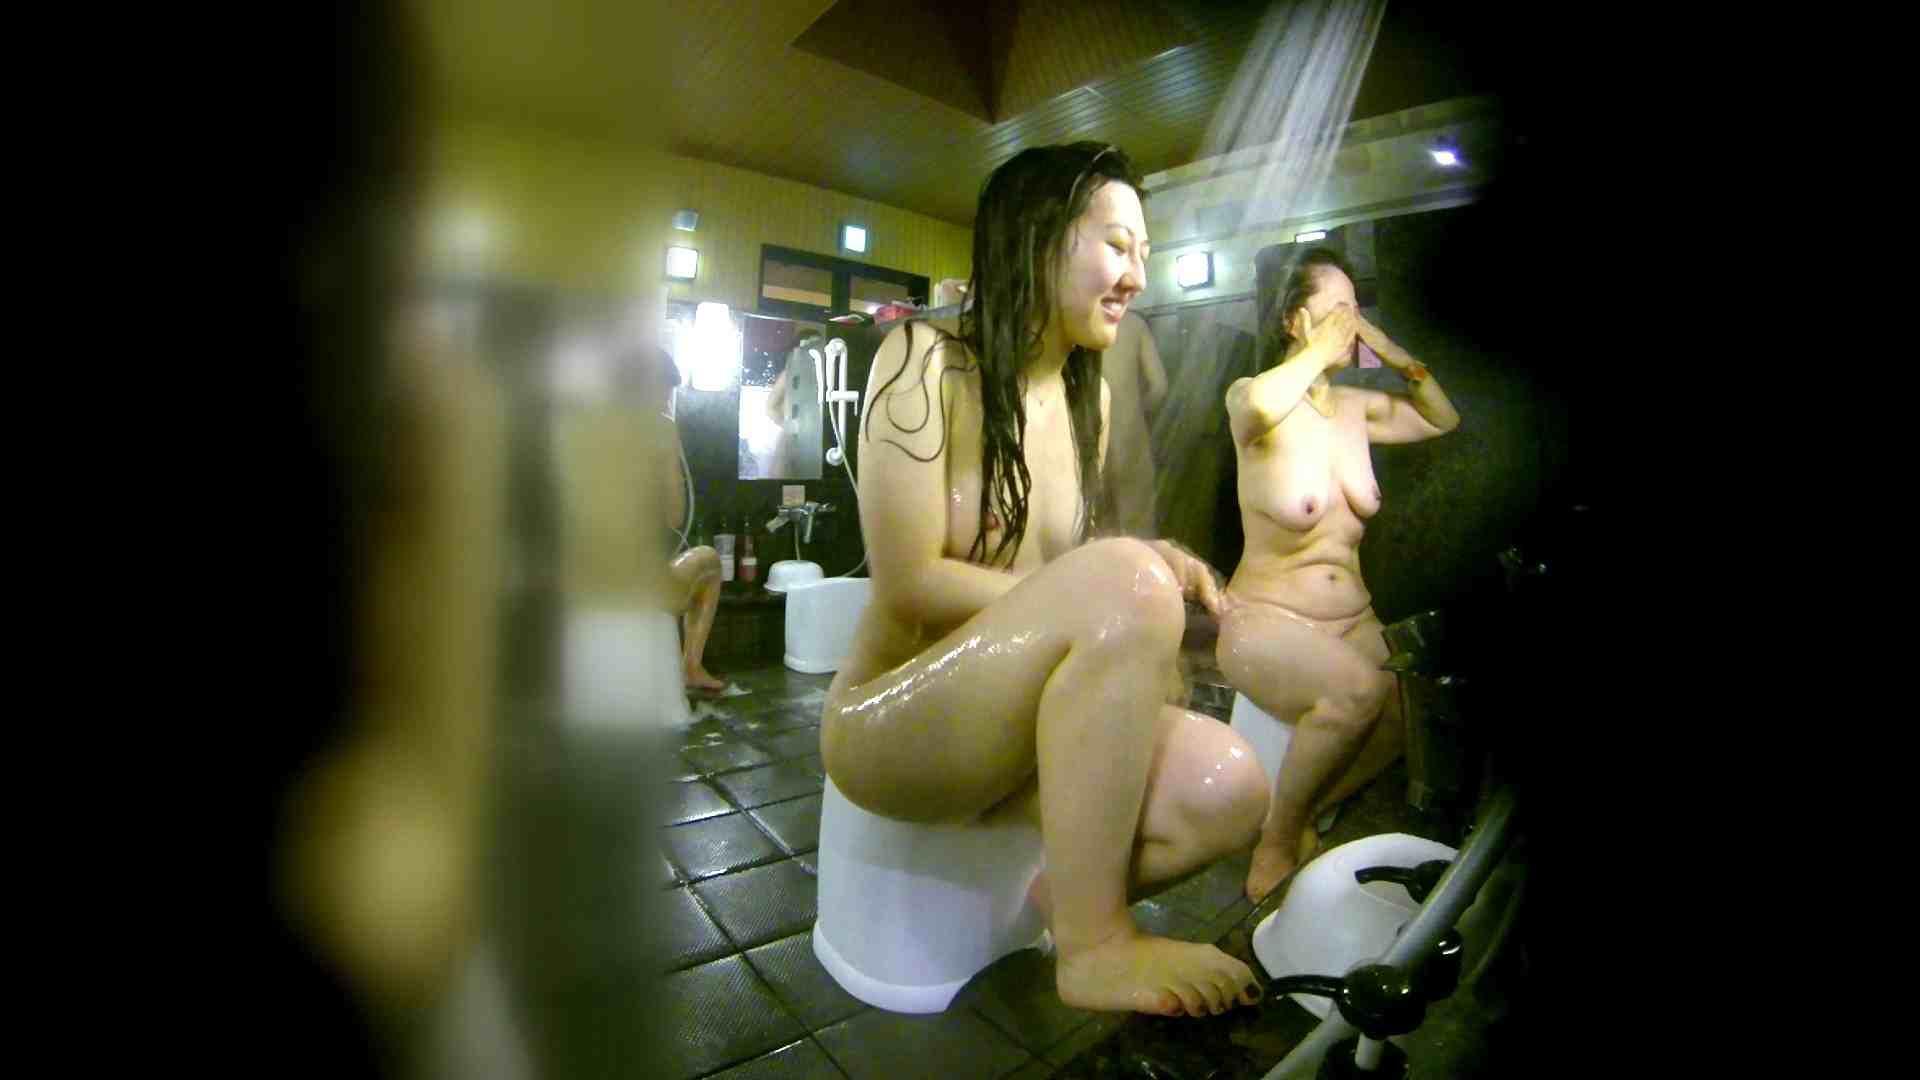 洗い場!右足の位置がいいですね。陰毛もっさり! 銭湯  58pic 20